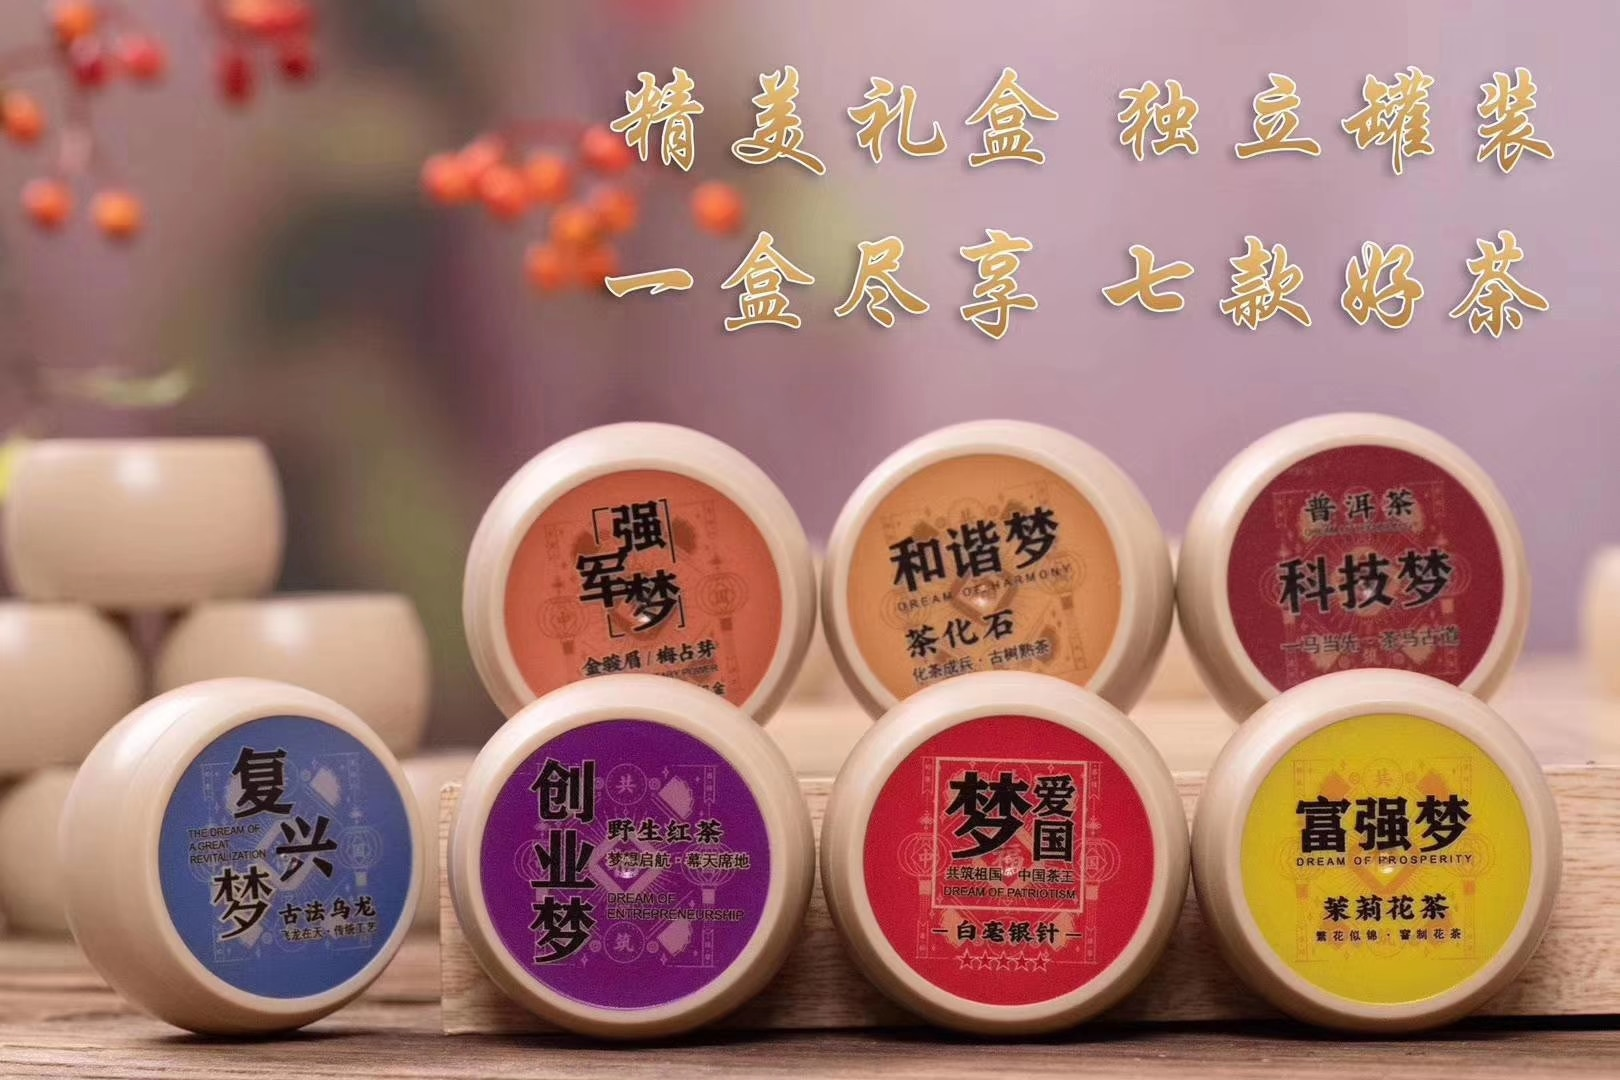 2020 شاي الألونج الشاي الأسود الذهب Junmei الشاي الأحفوري بوير الشاي Baihao الفضة إبرة الياسمين الشاي البري الأسود الشاي أعلى درجة هدية صندوق